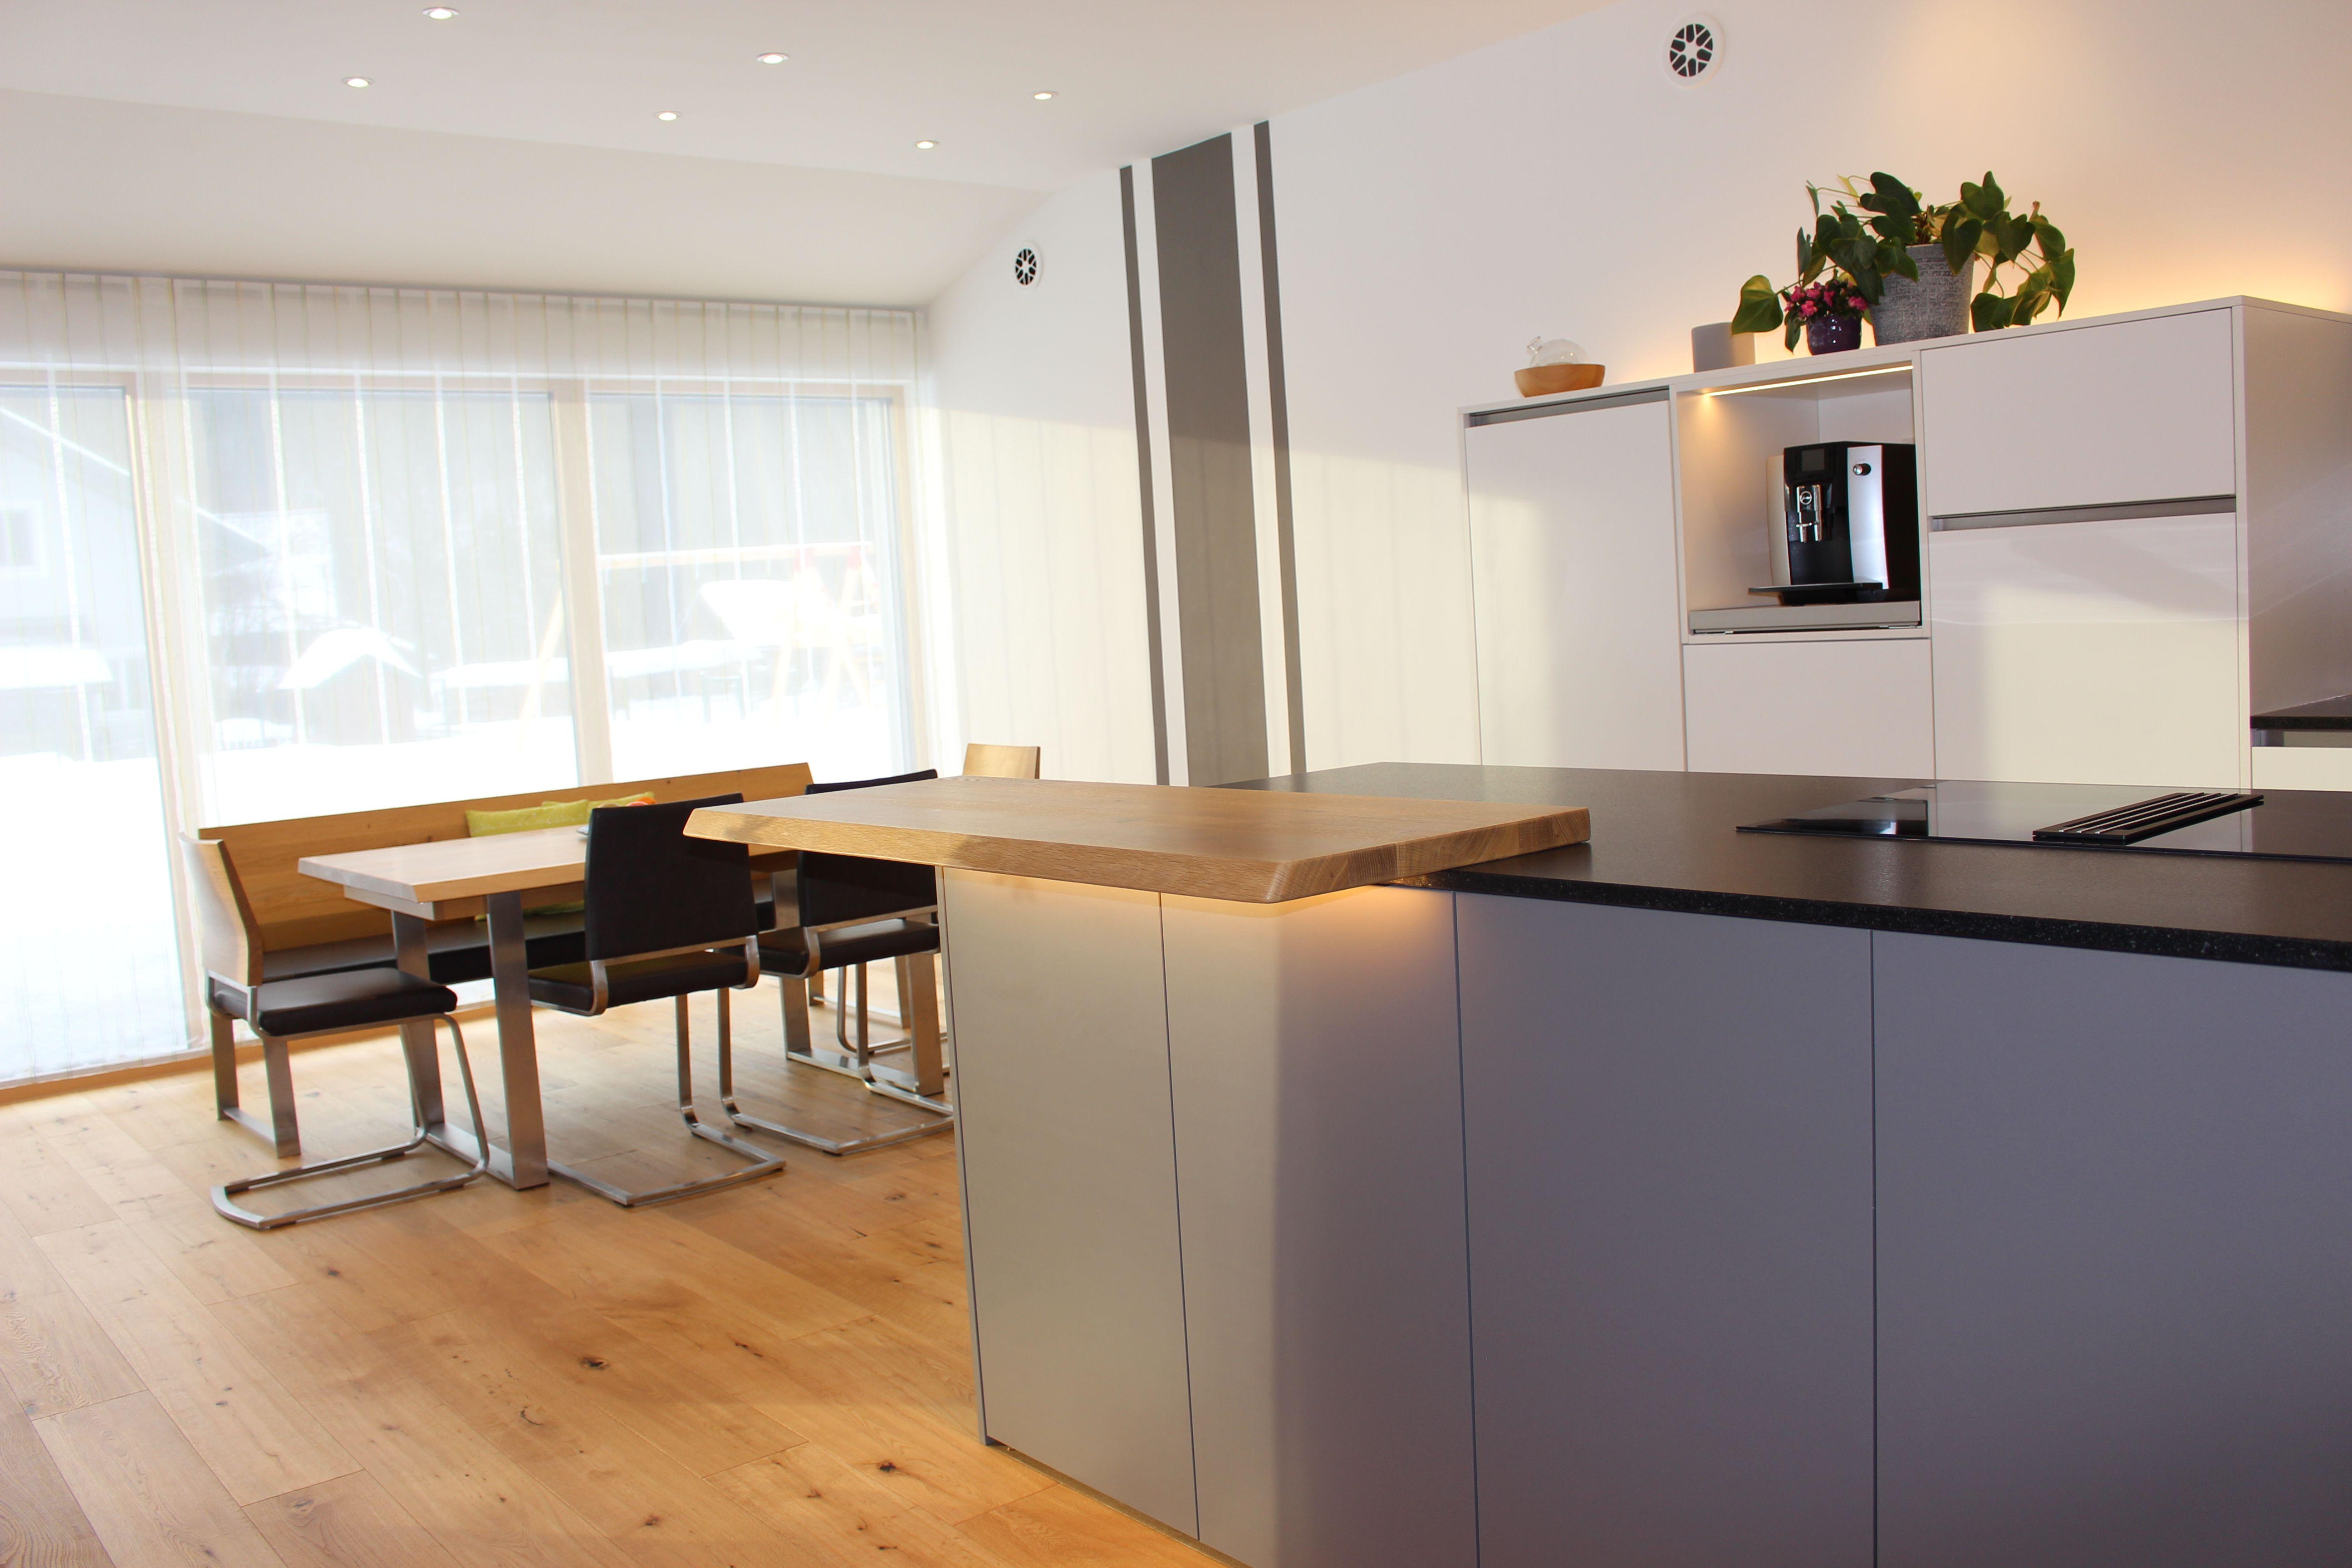 ewe Küche Vida 01 weiß matt mit quarz kombiniert von JACHS